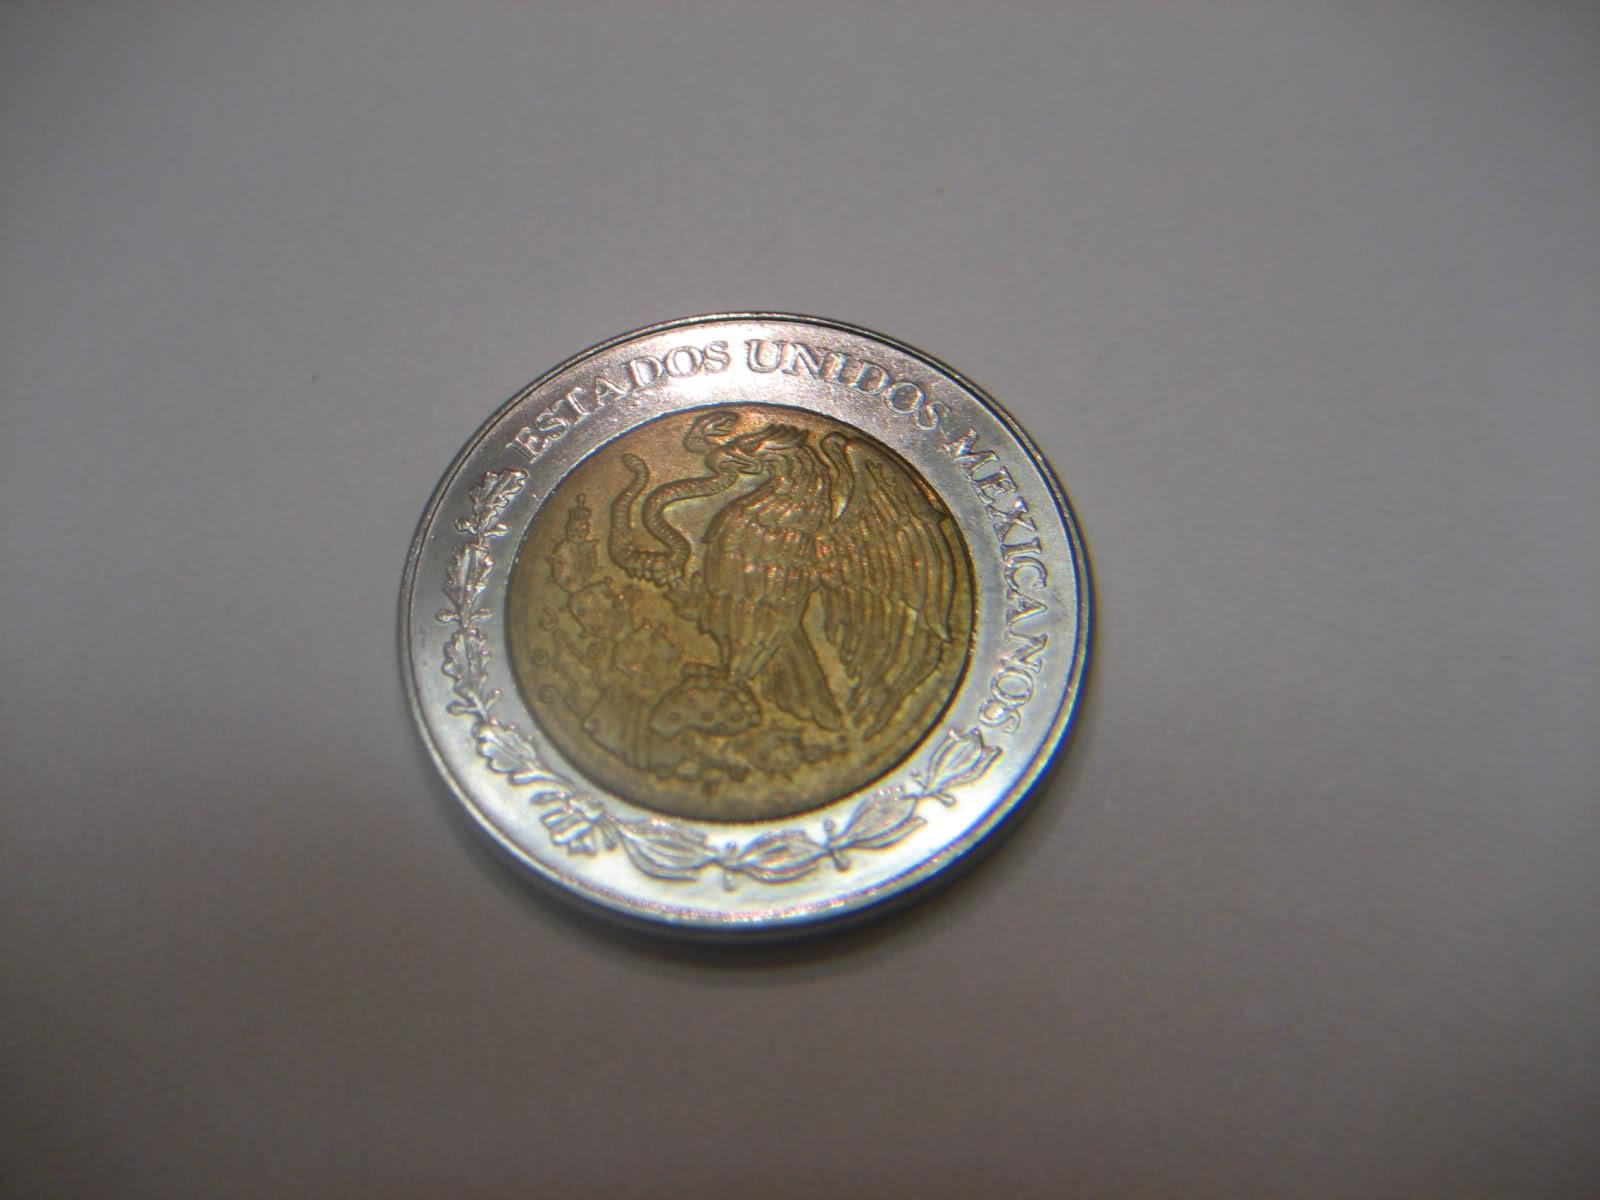 2 Pesos. Mexico. 2006 2mcizra